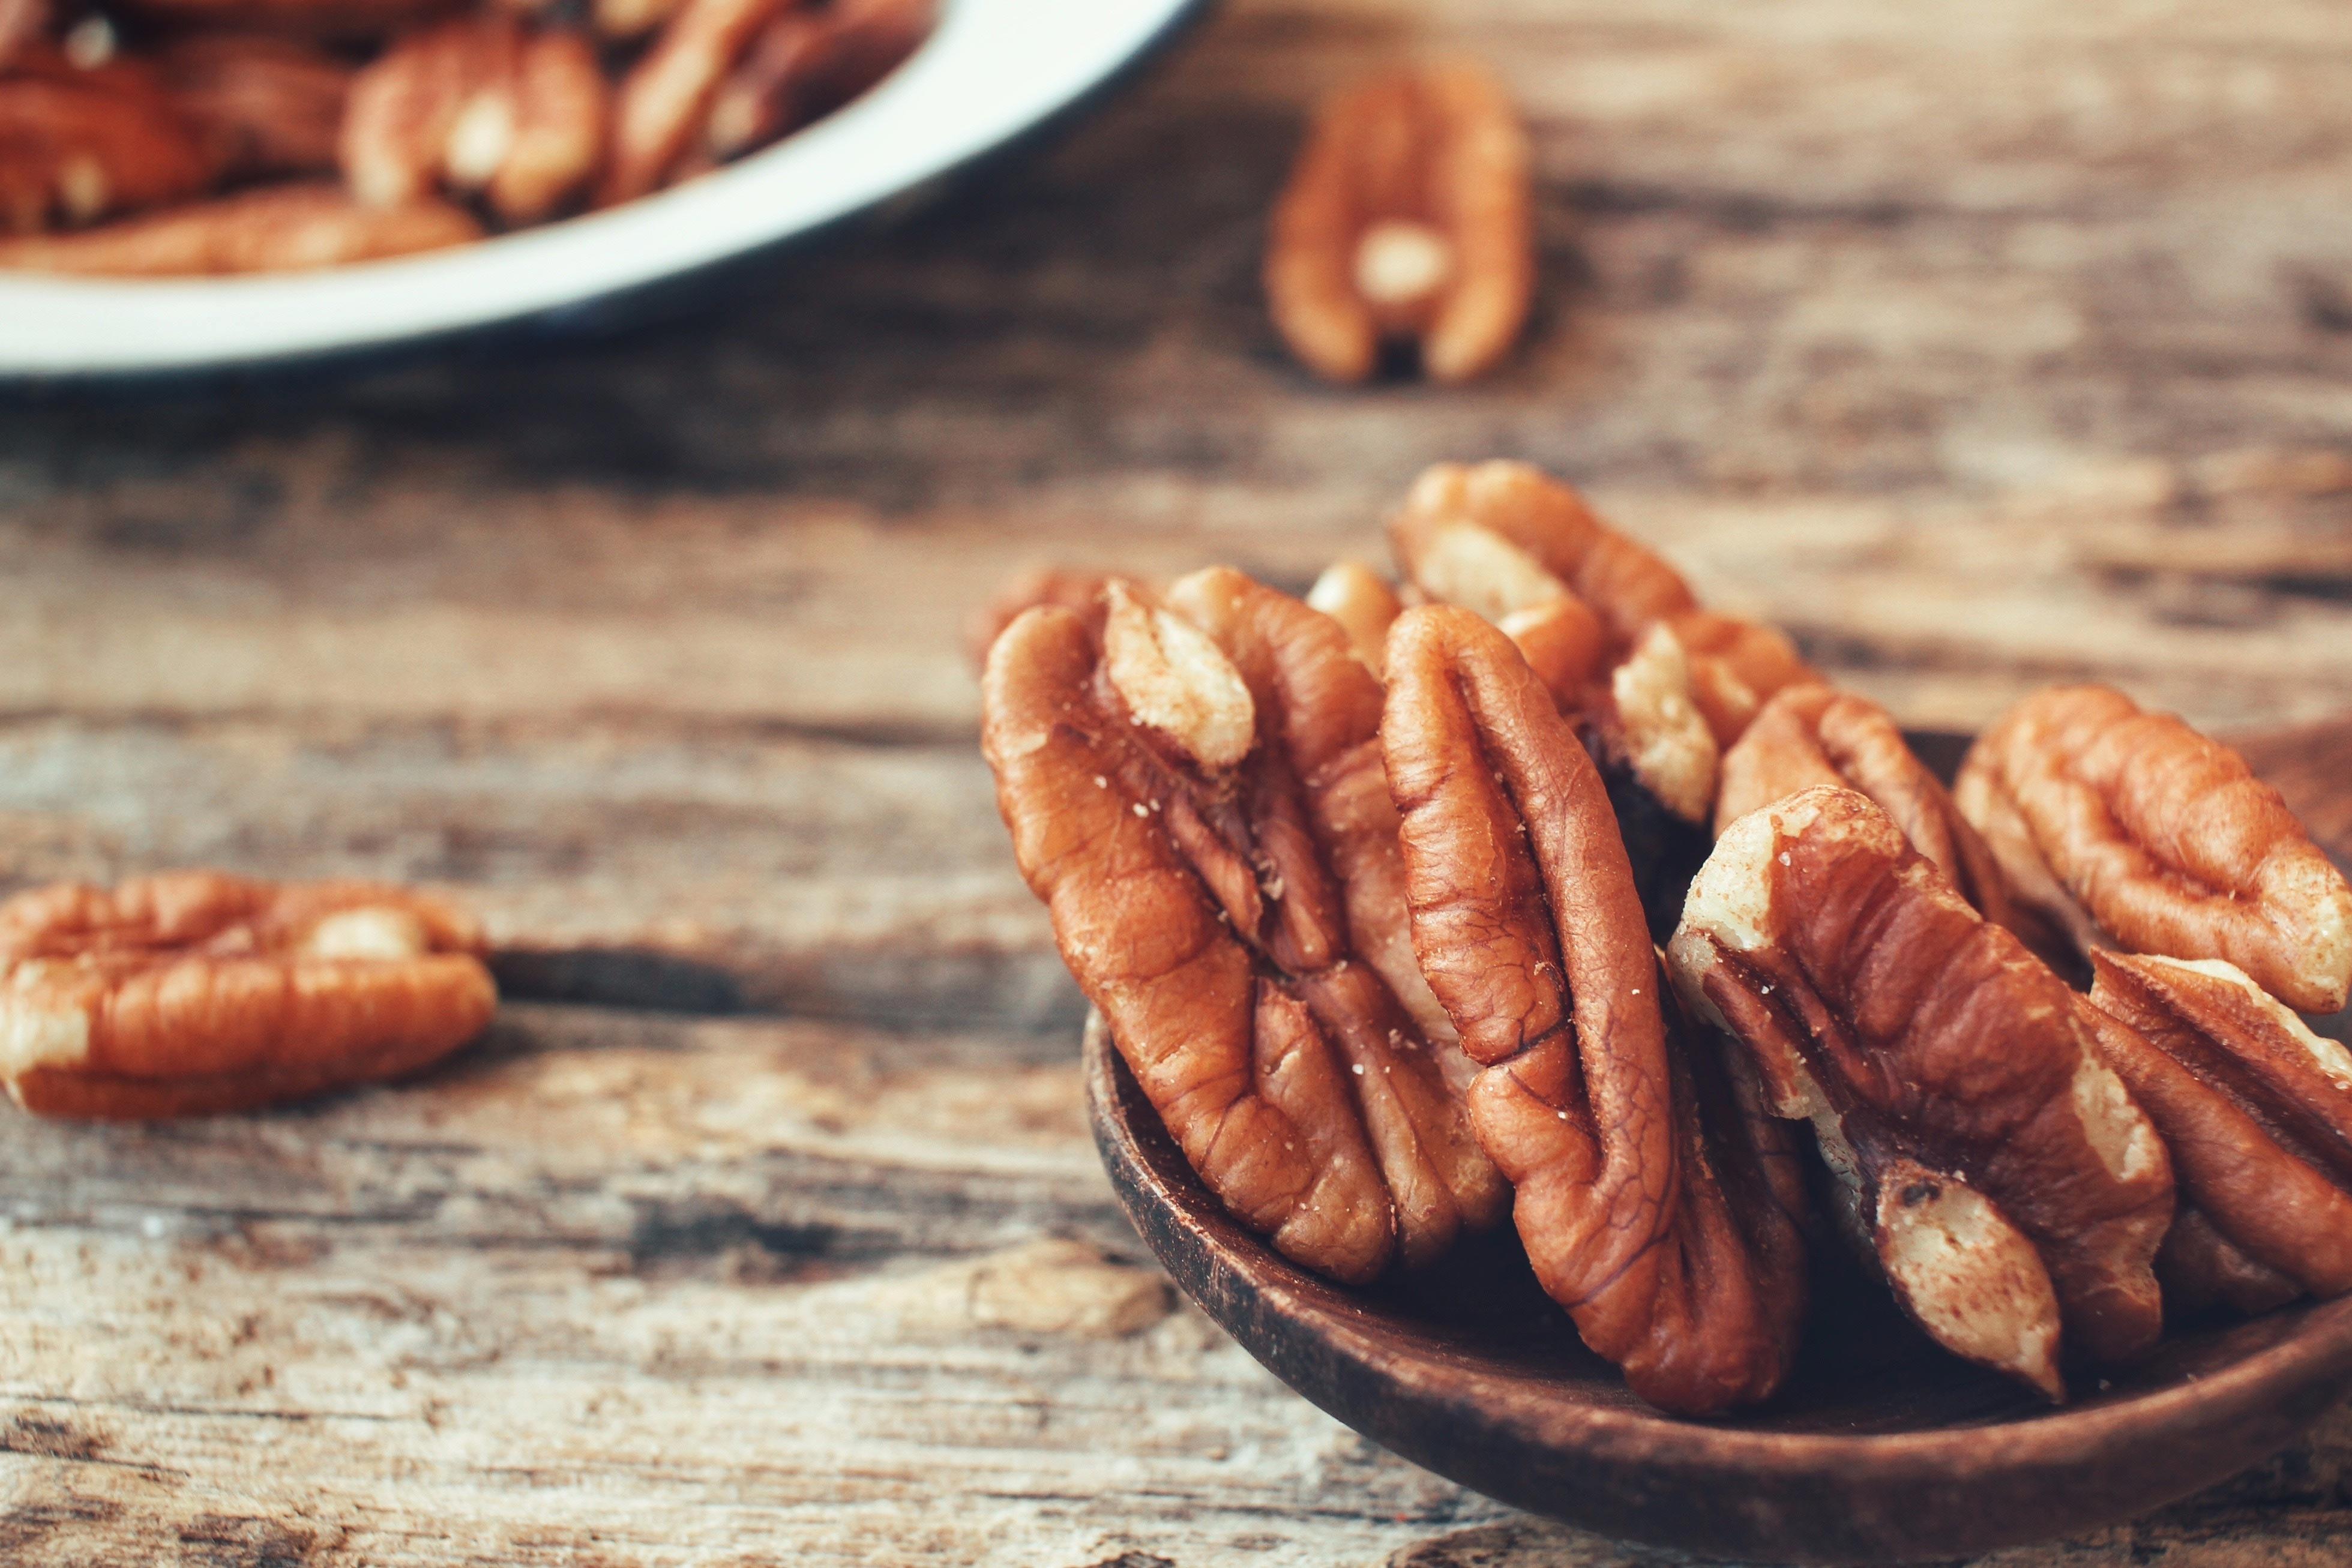 Razón 6: dormirás mejor si comes nueces porque aportan triptófano, magnesio y vitamina B6 que favorecen el estado de relajación.